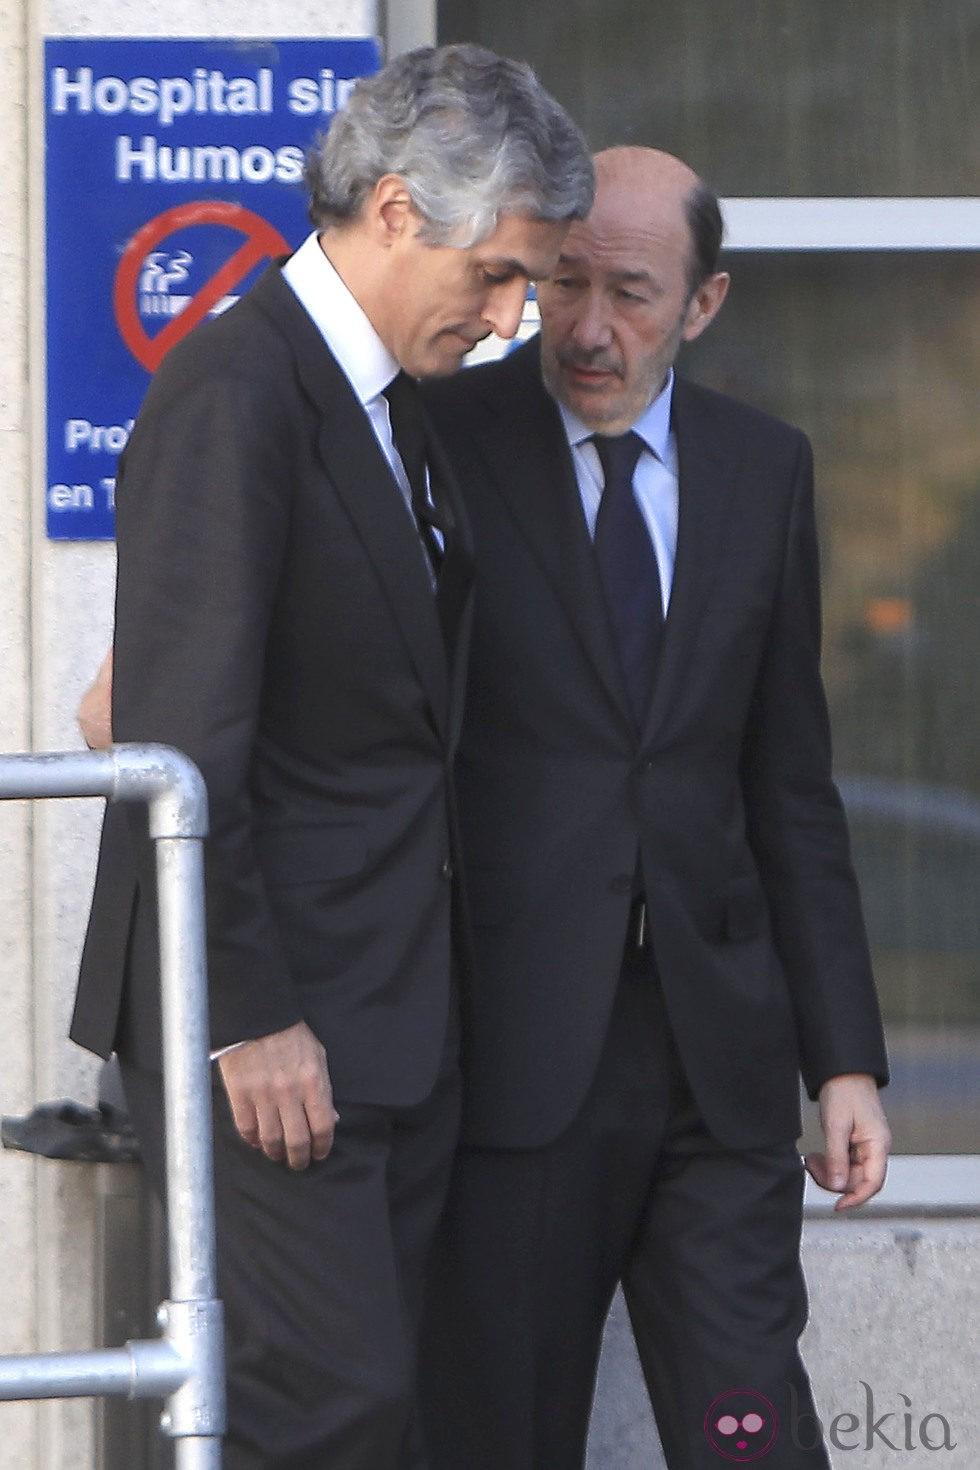 Alfredo Pérez Rubalcaba y Adolfo Suárez Illana en el velatorio de Adolfo Suárez